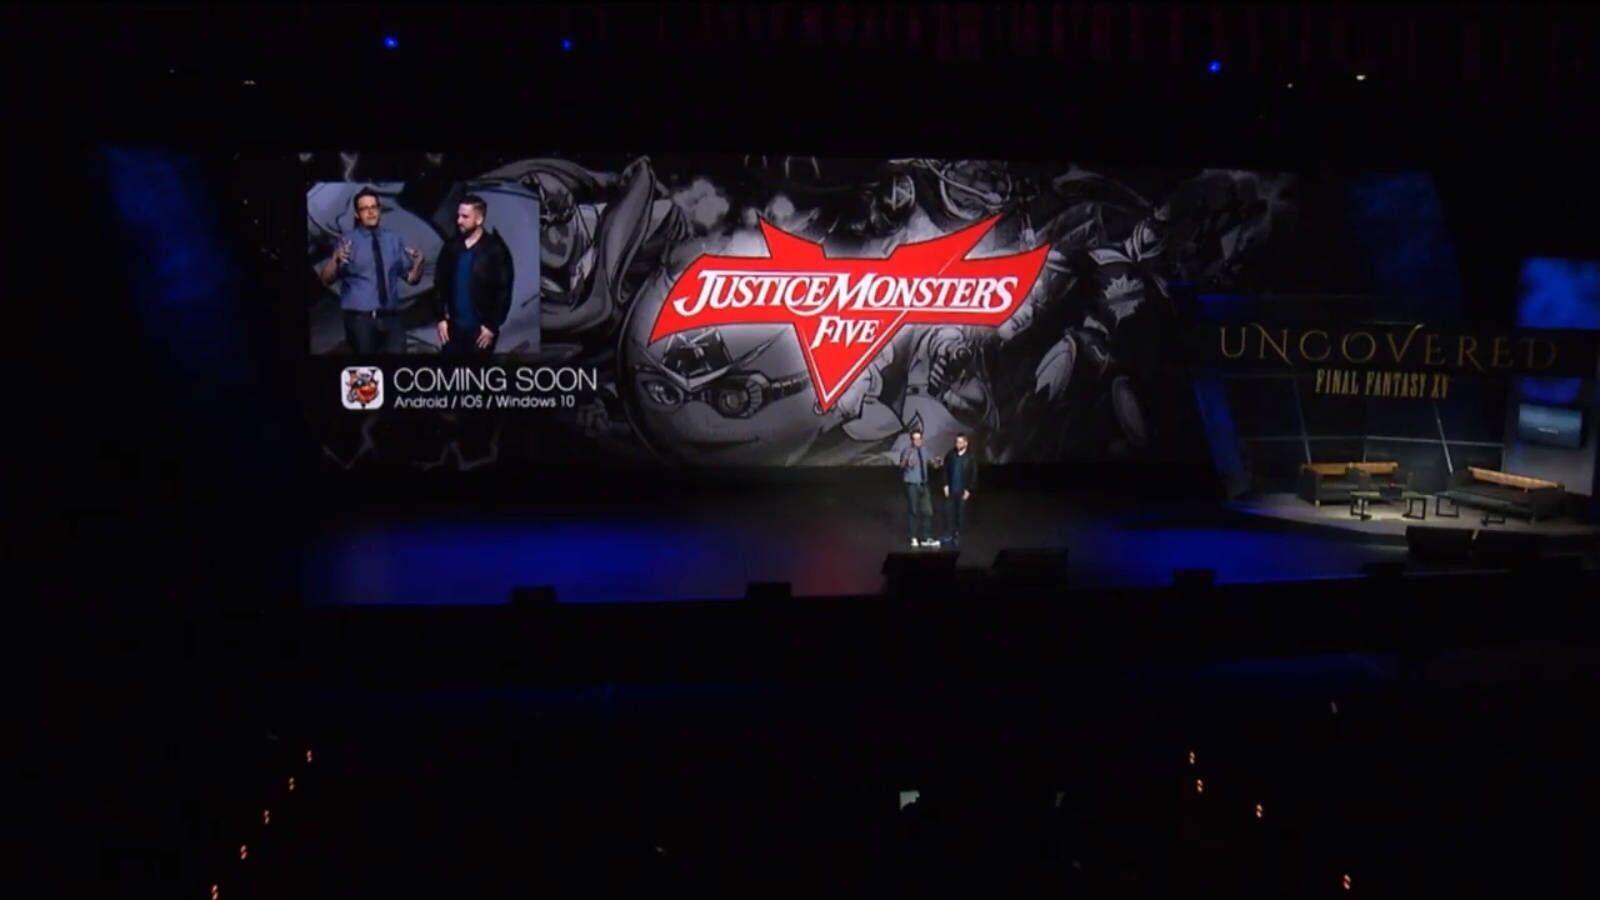 迷你弹珠游戏《正义怪兽5》即将上架